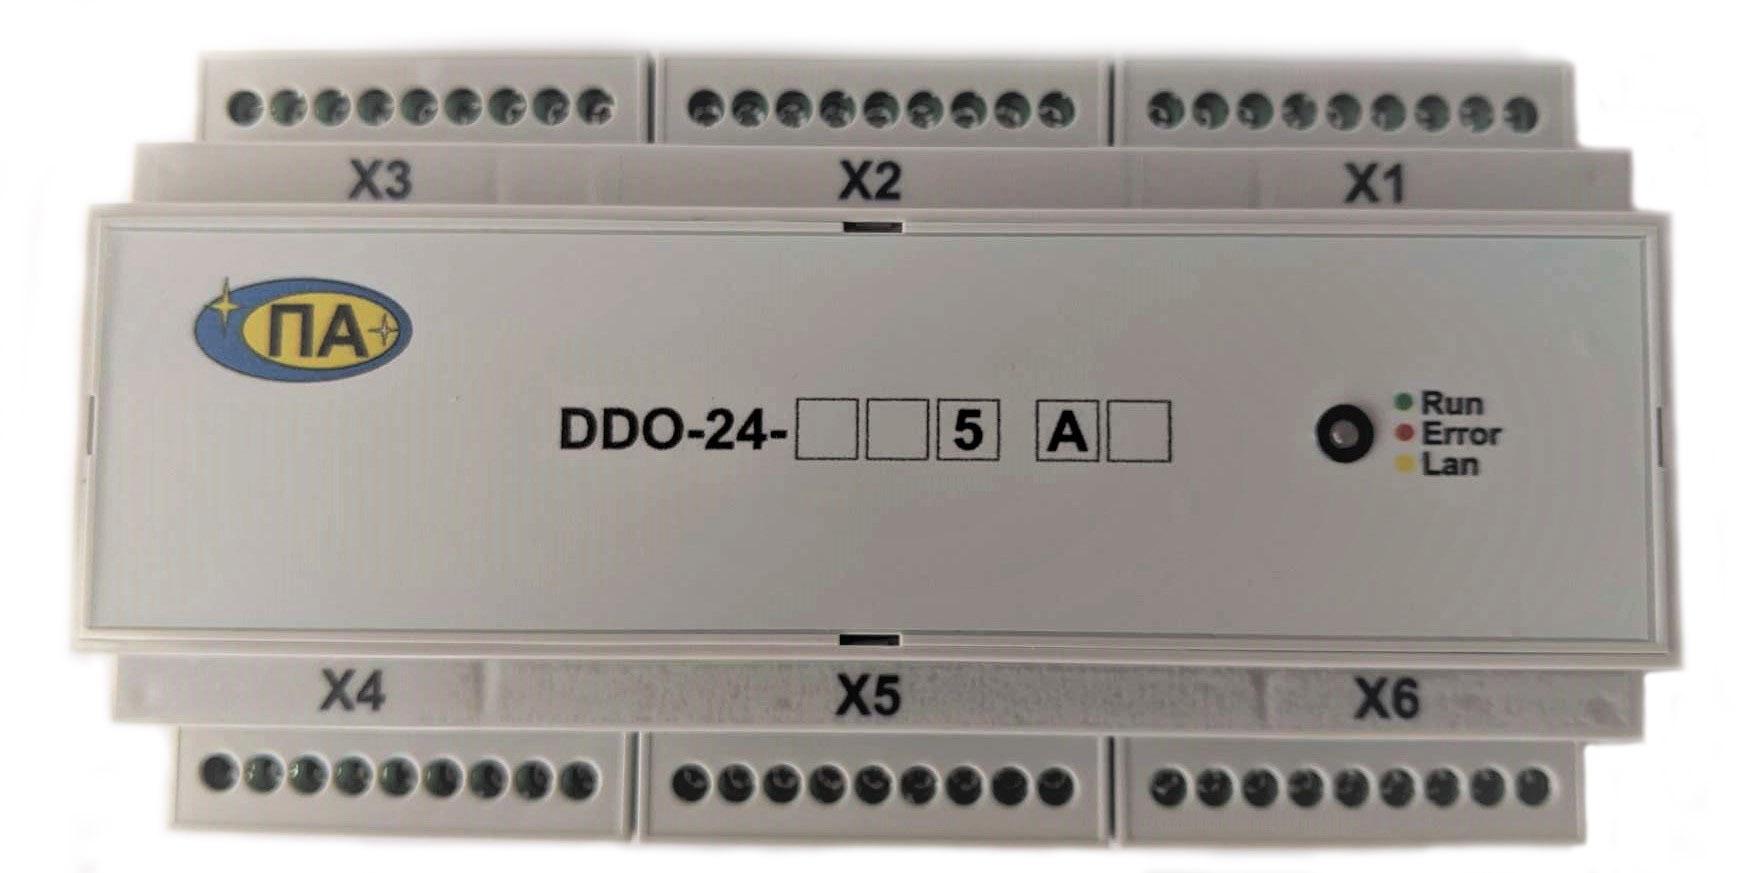 Устройство DDO-24 — 5A АИАР.426449.002